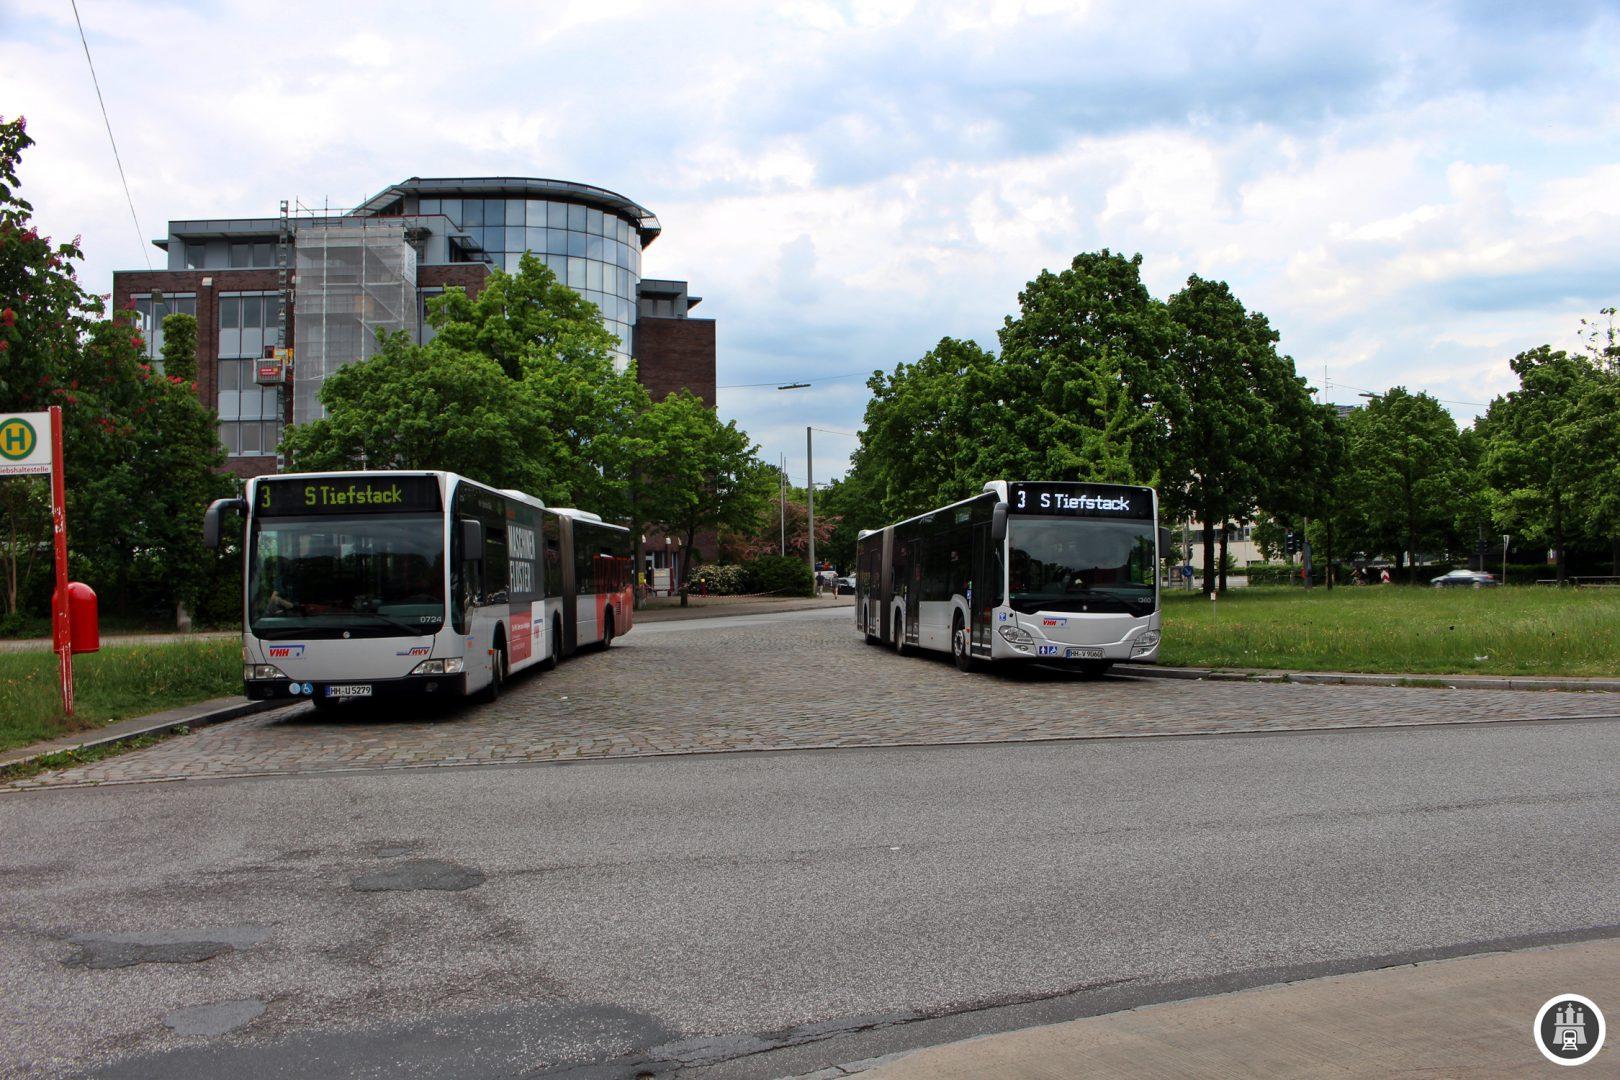 An der Trabrennbahn Bahrenfeld setzen die Busse für den Zwischentakt ein, der Tagsüber den Abschnitt bis Rathausmarkt auf einen Fünfminutentakt verstärkt. Bis nach Tiefstack geht es alle 10 Minuten.